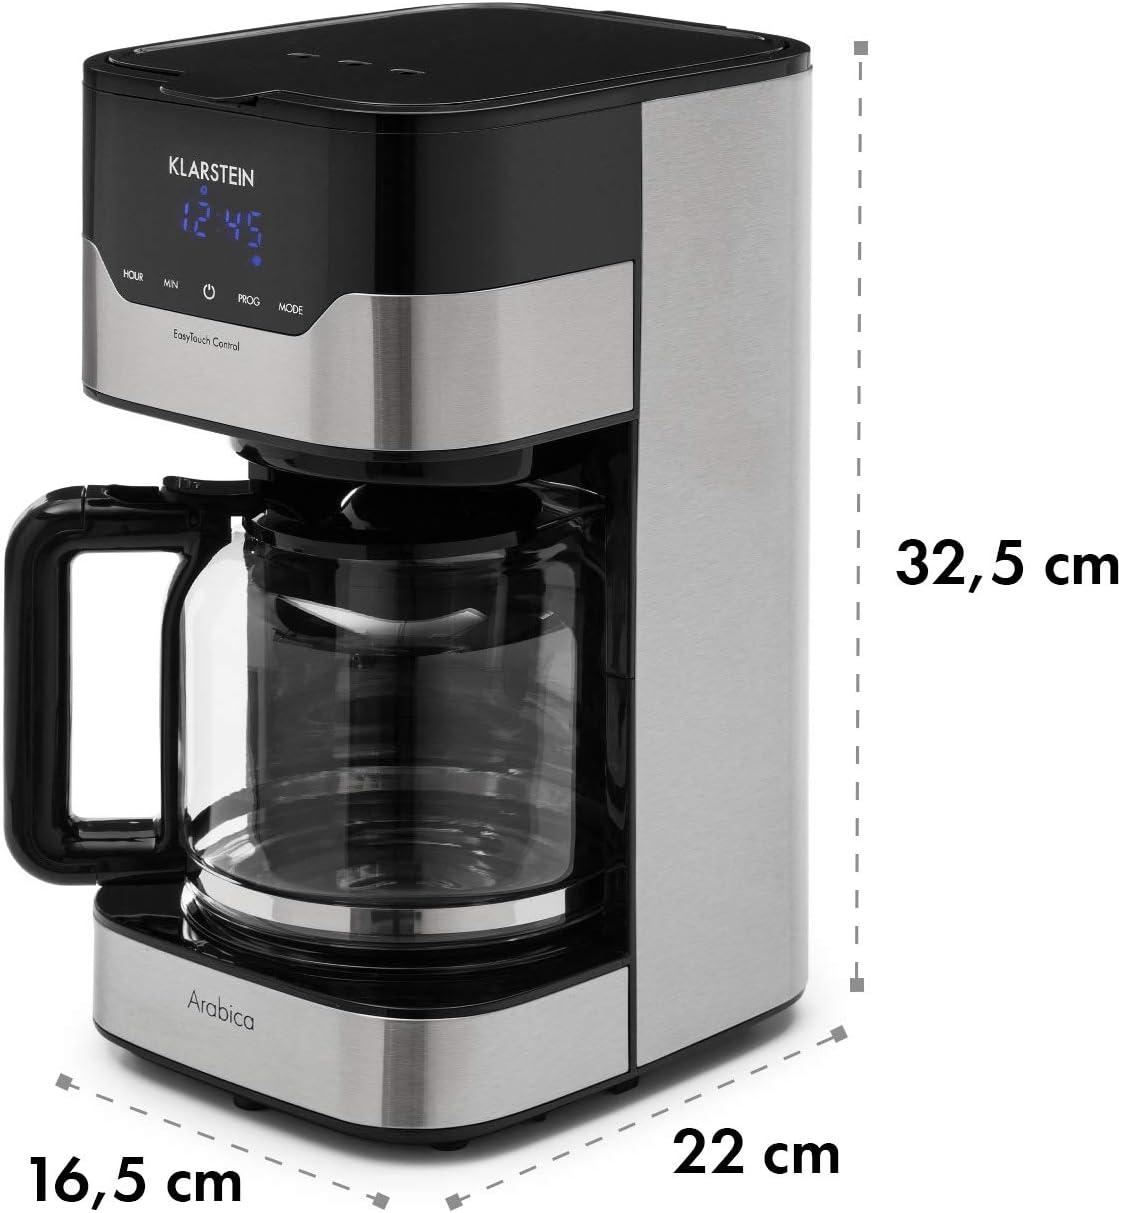 Klarstein Arabica Cafetera - Potencia: 900 W, Capacidad: 1,5 ...